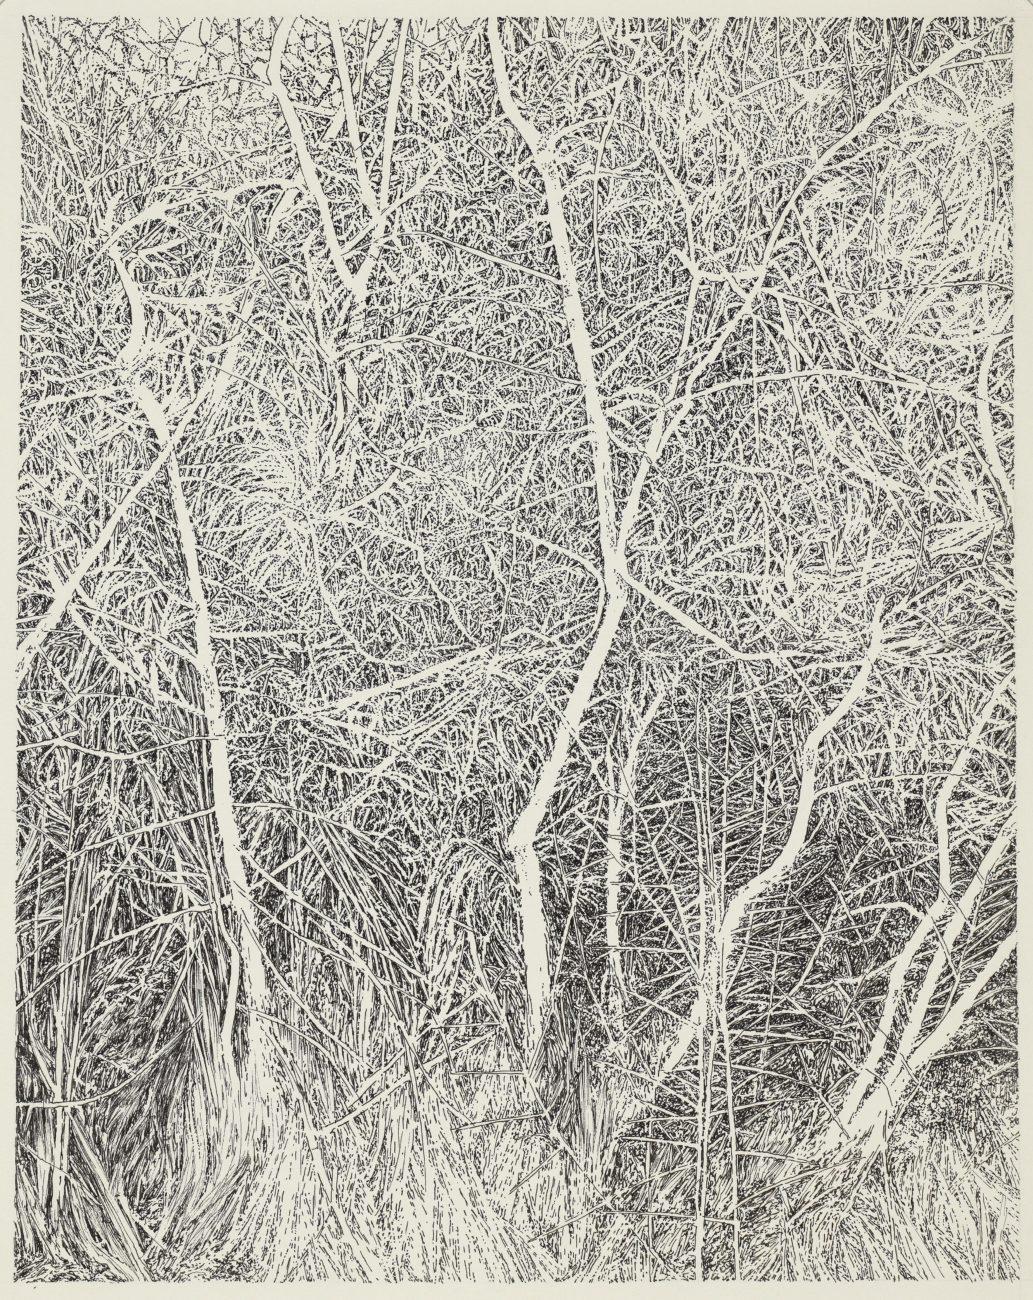 Cospudenersee, forêt, art, dessin, allemagne, henninger, emmanuel, artiste, paysage, portrait